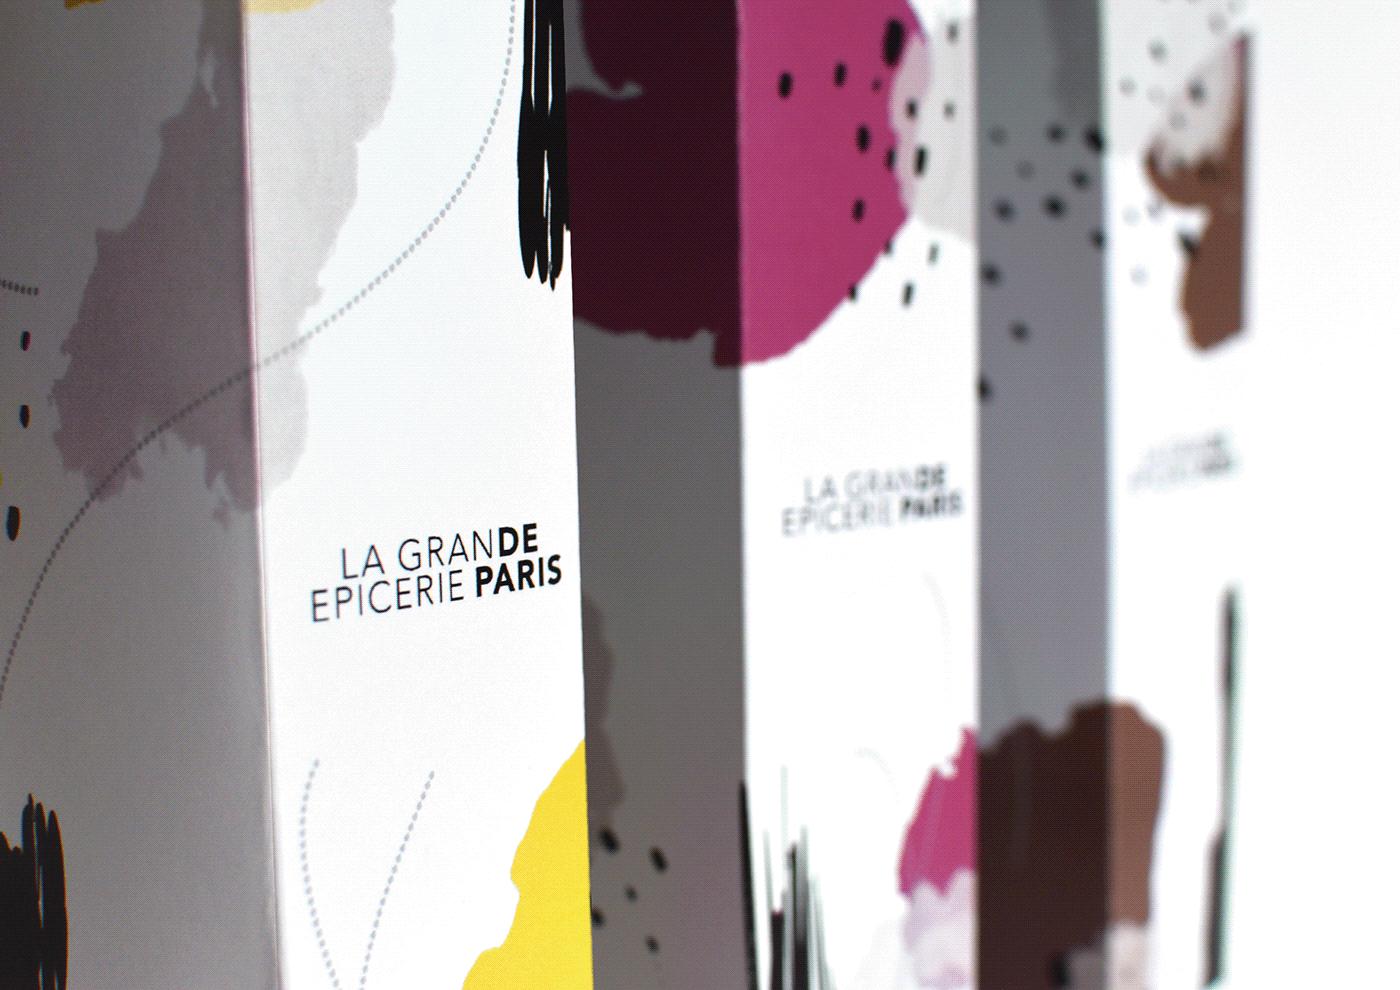 art direction ,direction artistique,Food ,graphic design ,la grande epicerie,nourriture,Packaging,Paris